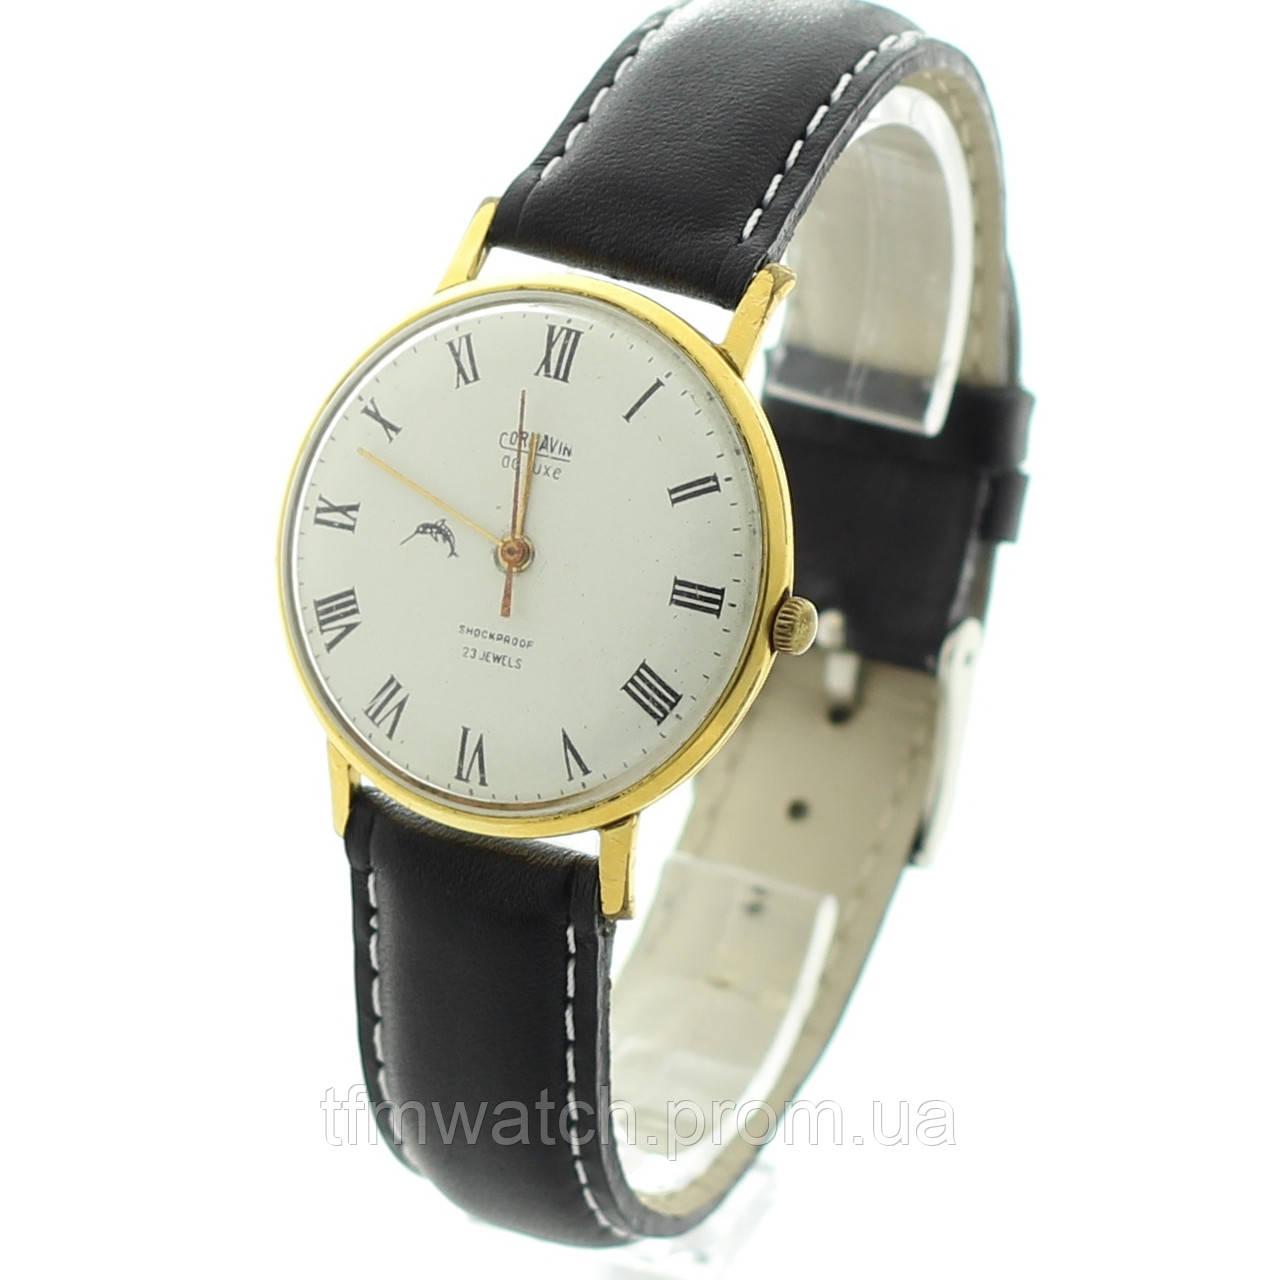 Cornavin de luxe механические часы